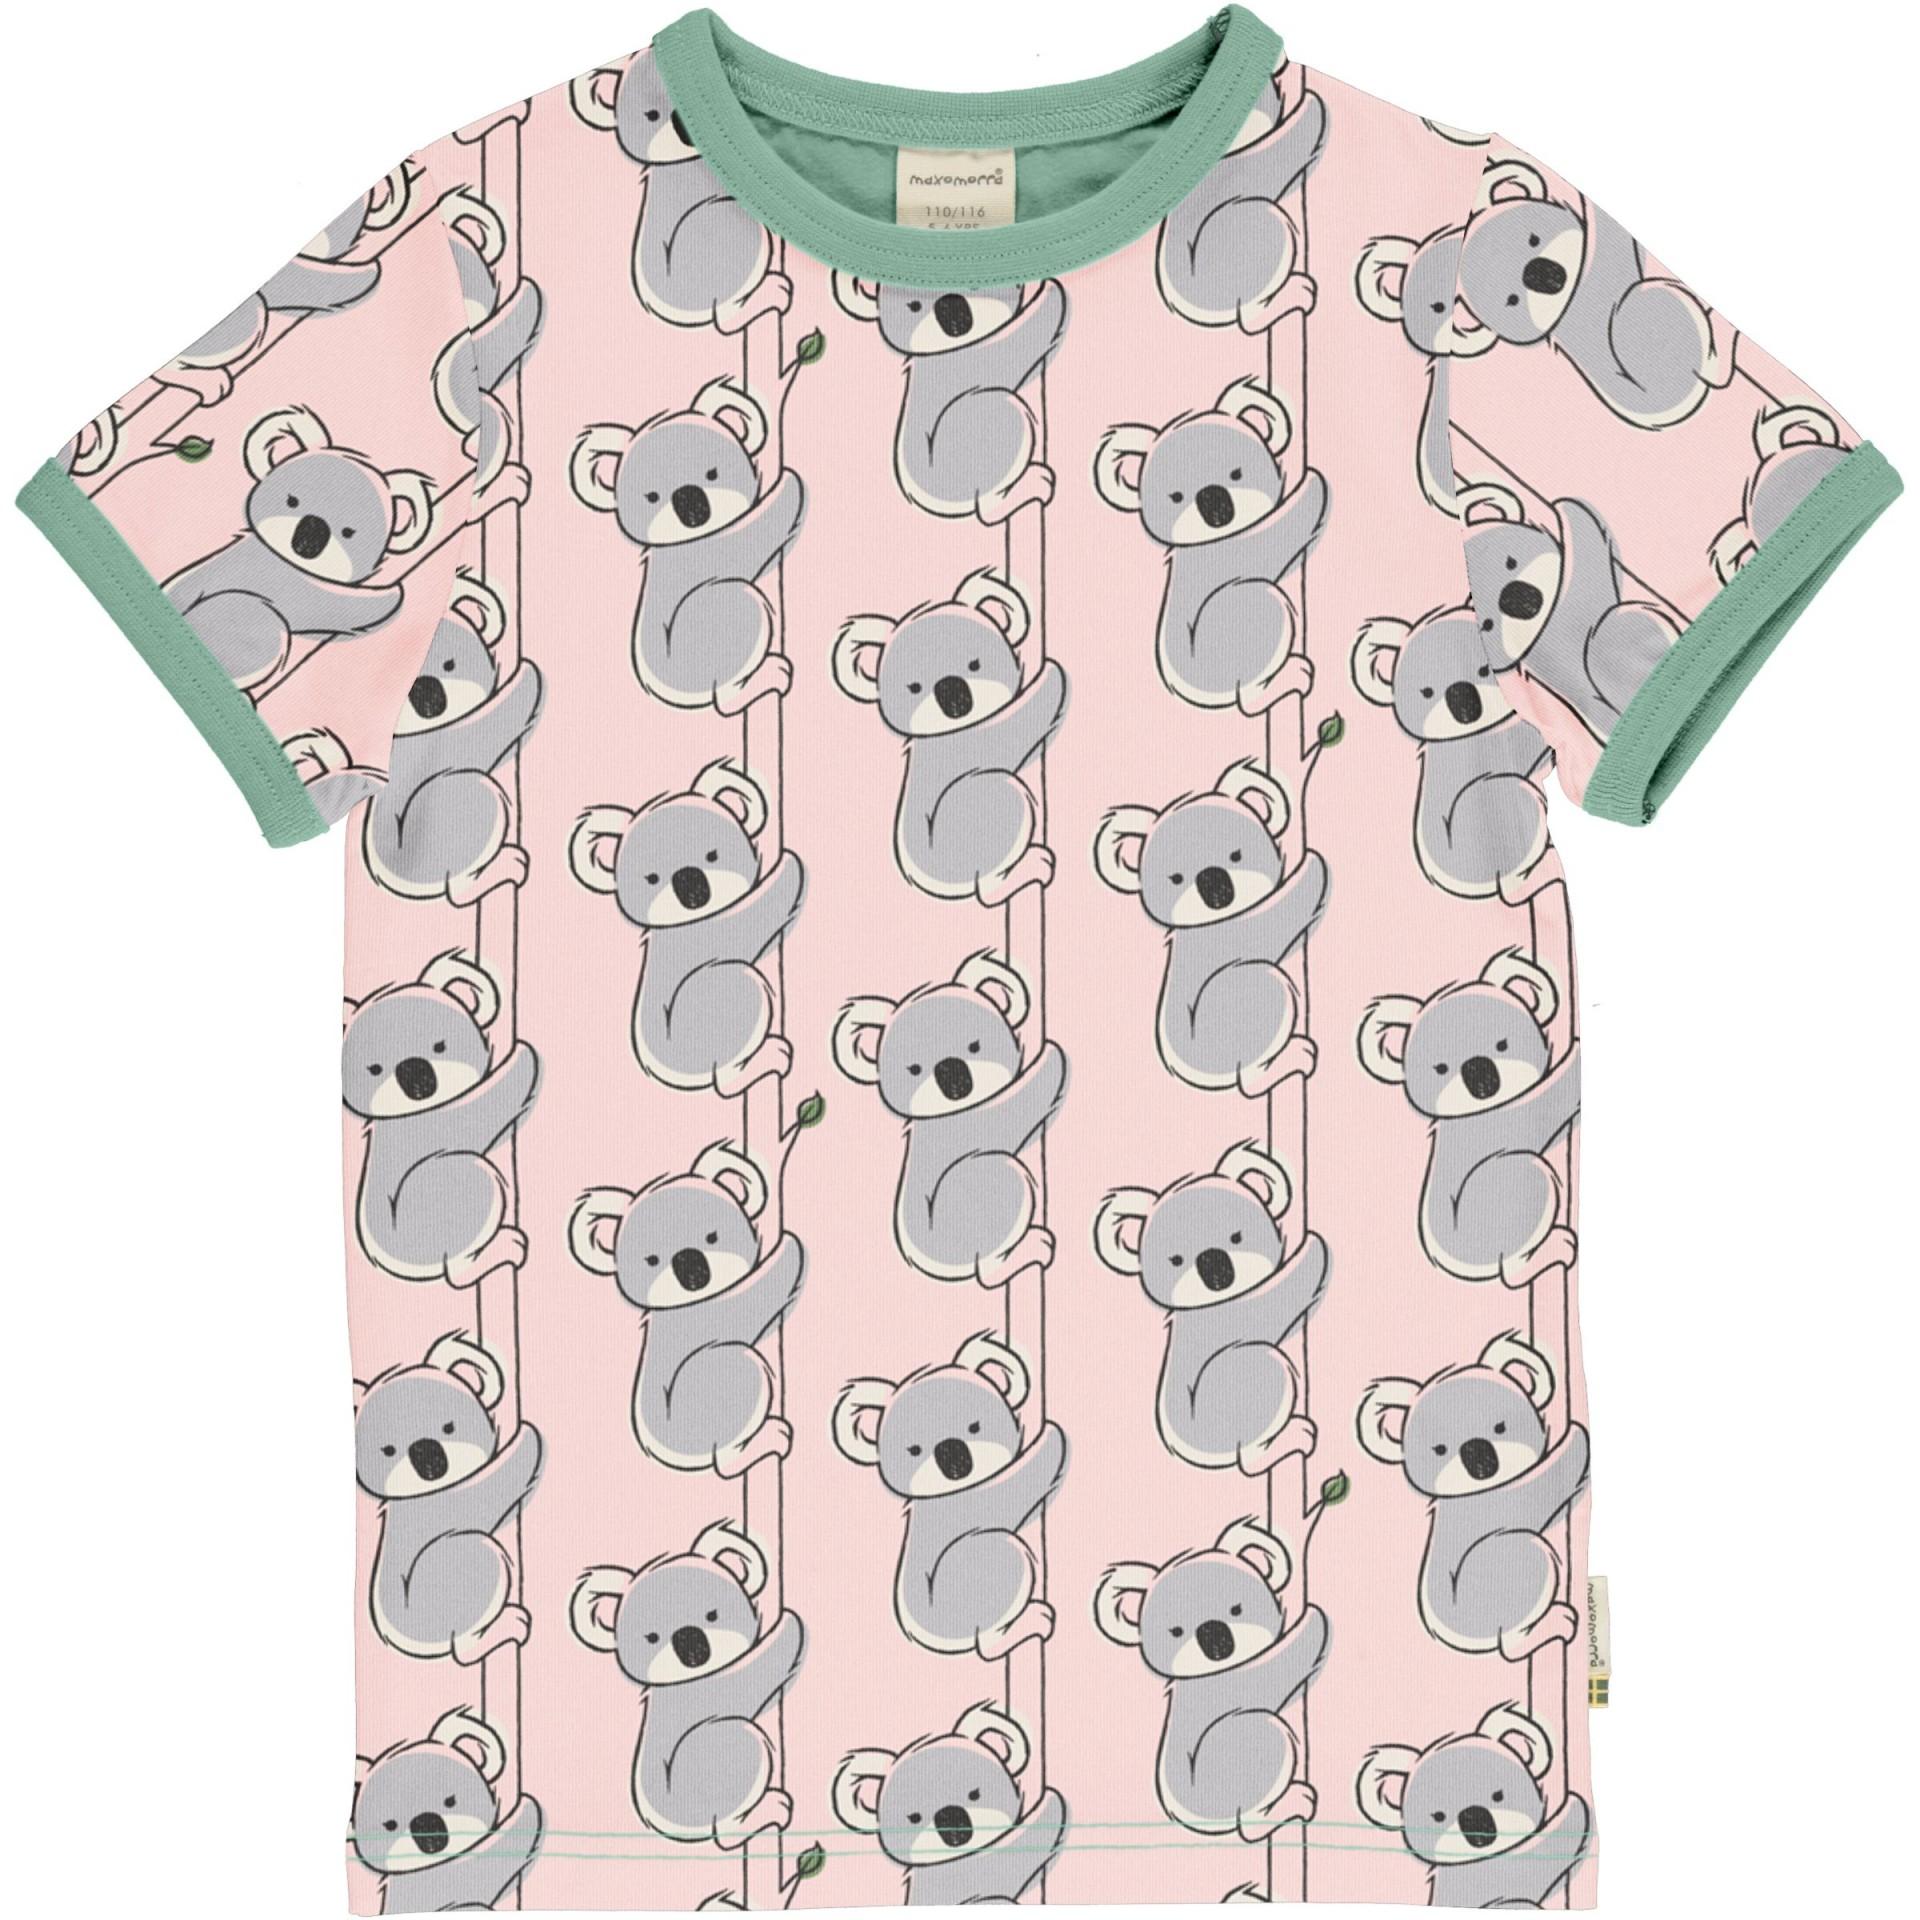 T-shirt de adulto Koala Maxomorra (Tamanhos disponíveis XS)